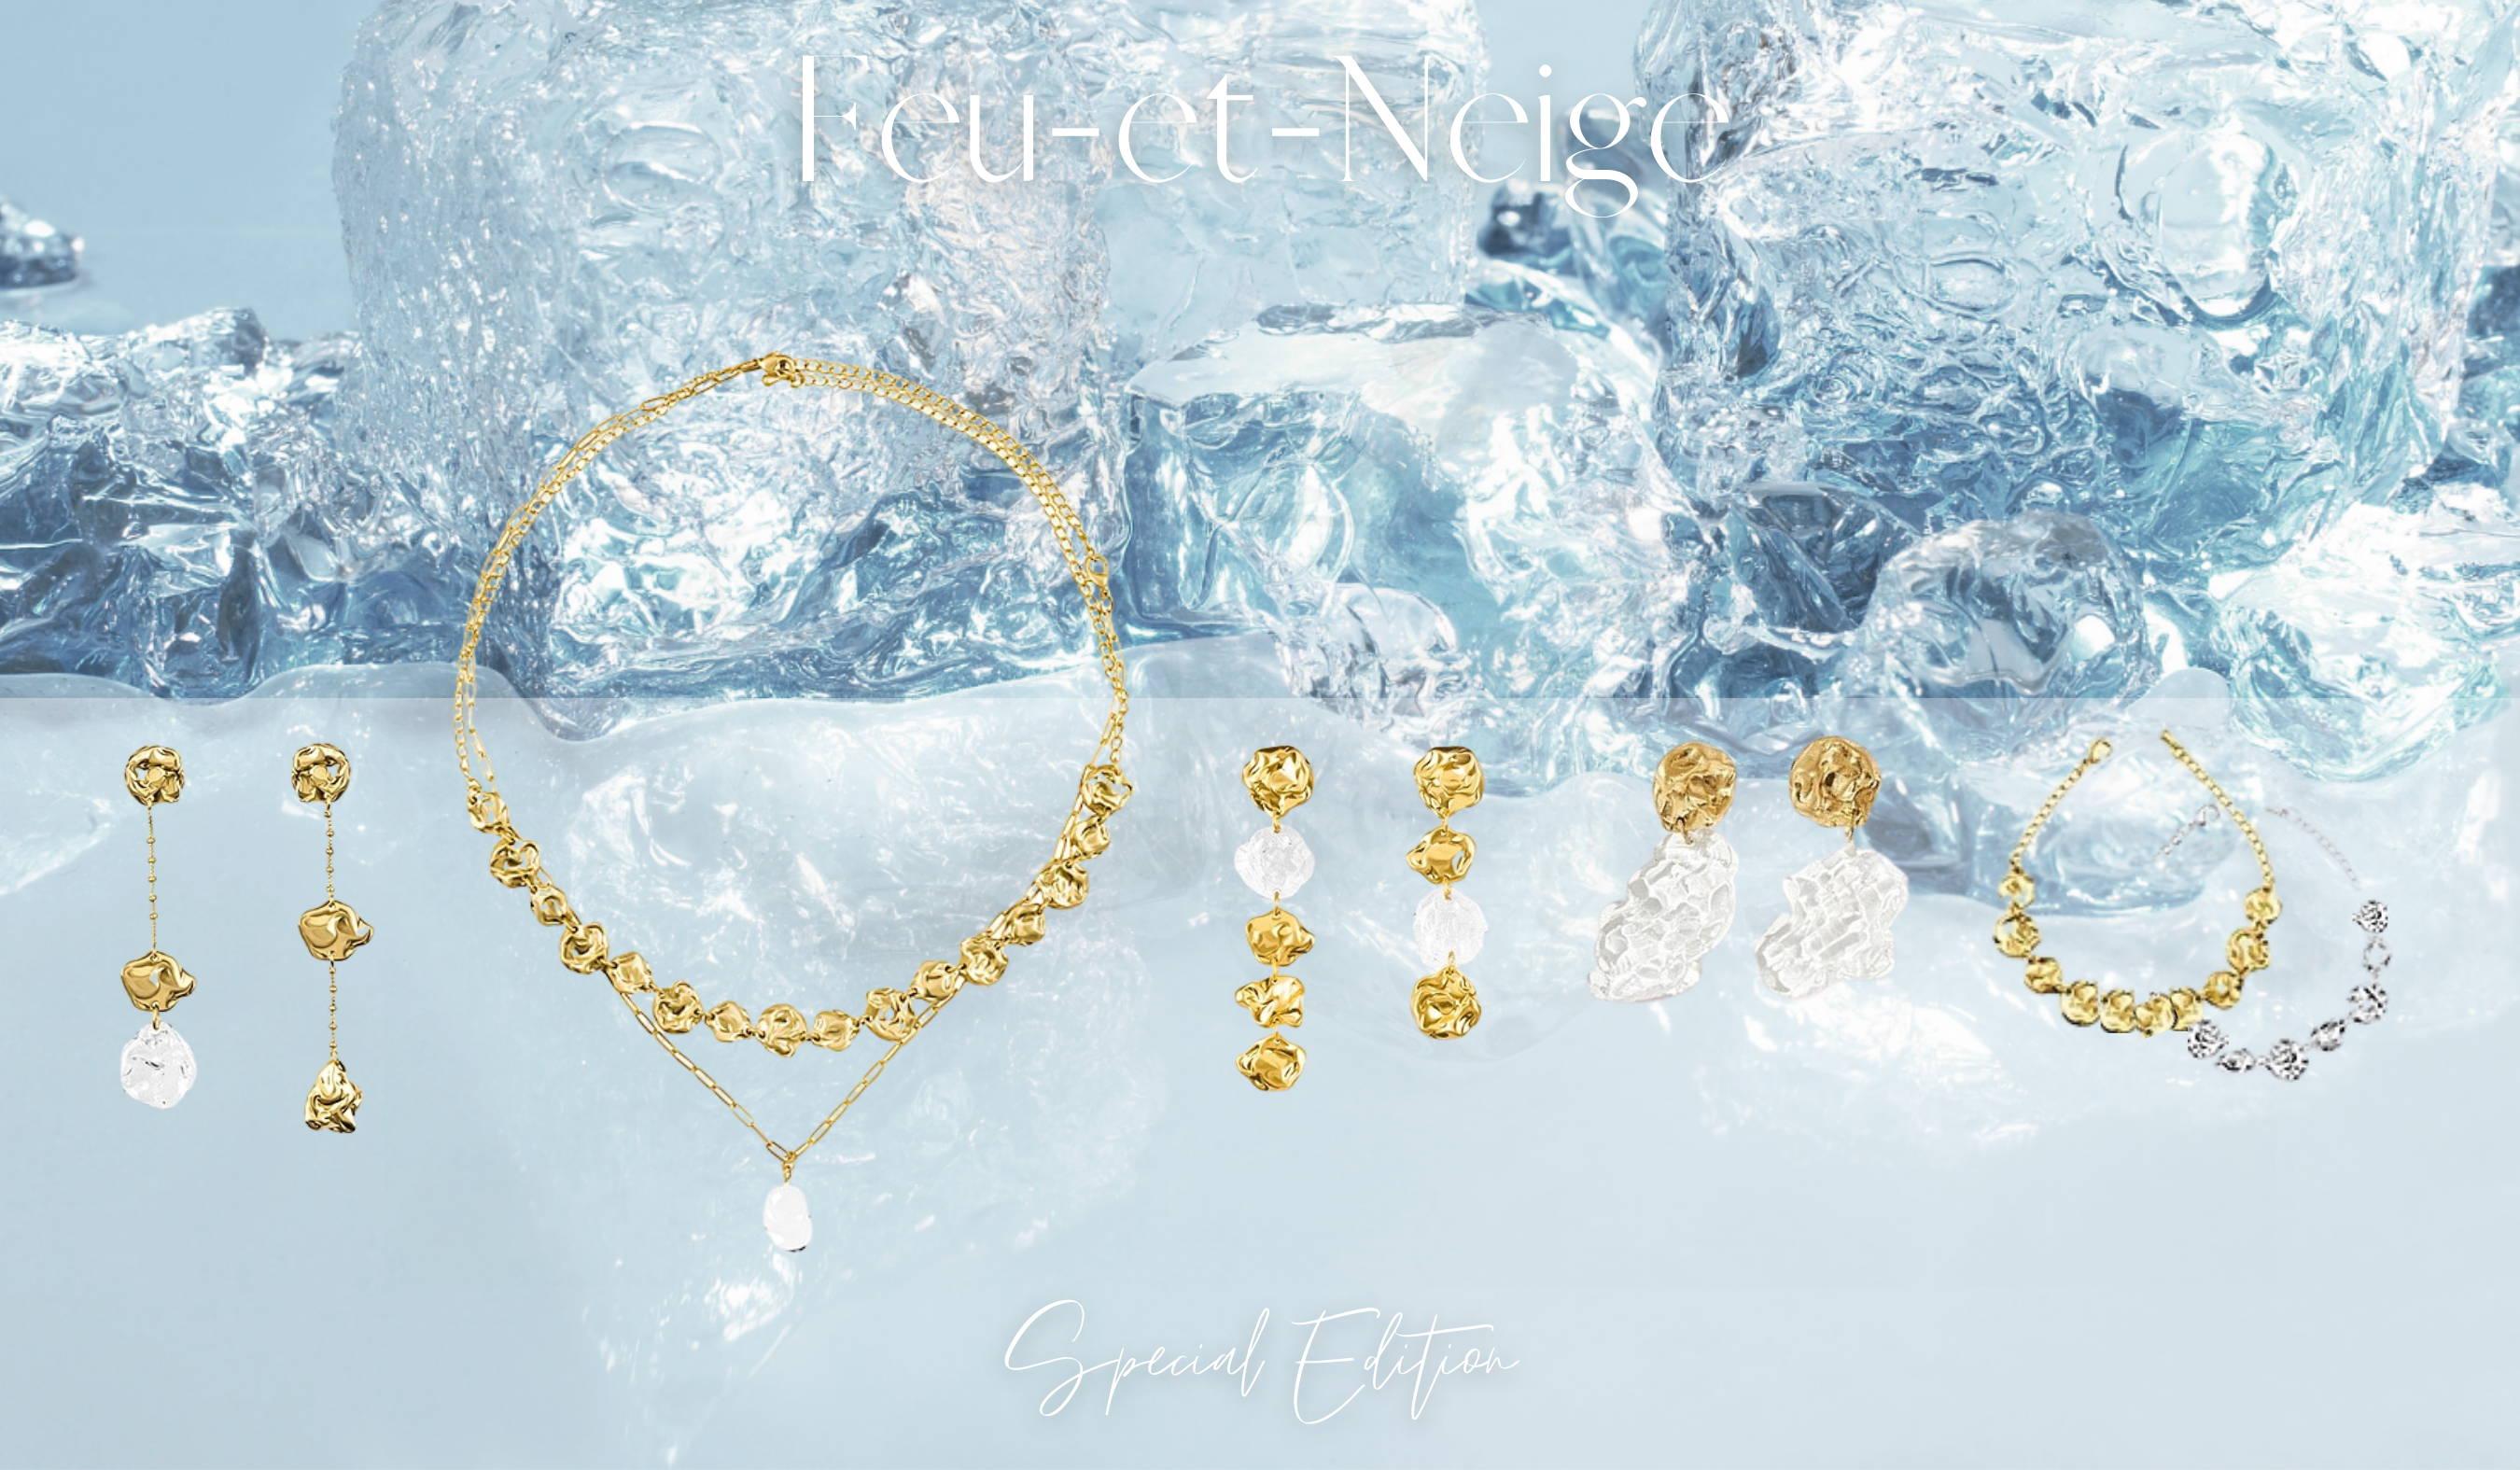 Sol-de-Miel Unique Artisan Jewelry Feu-et-Neige Collection